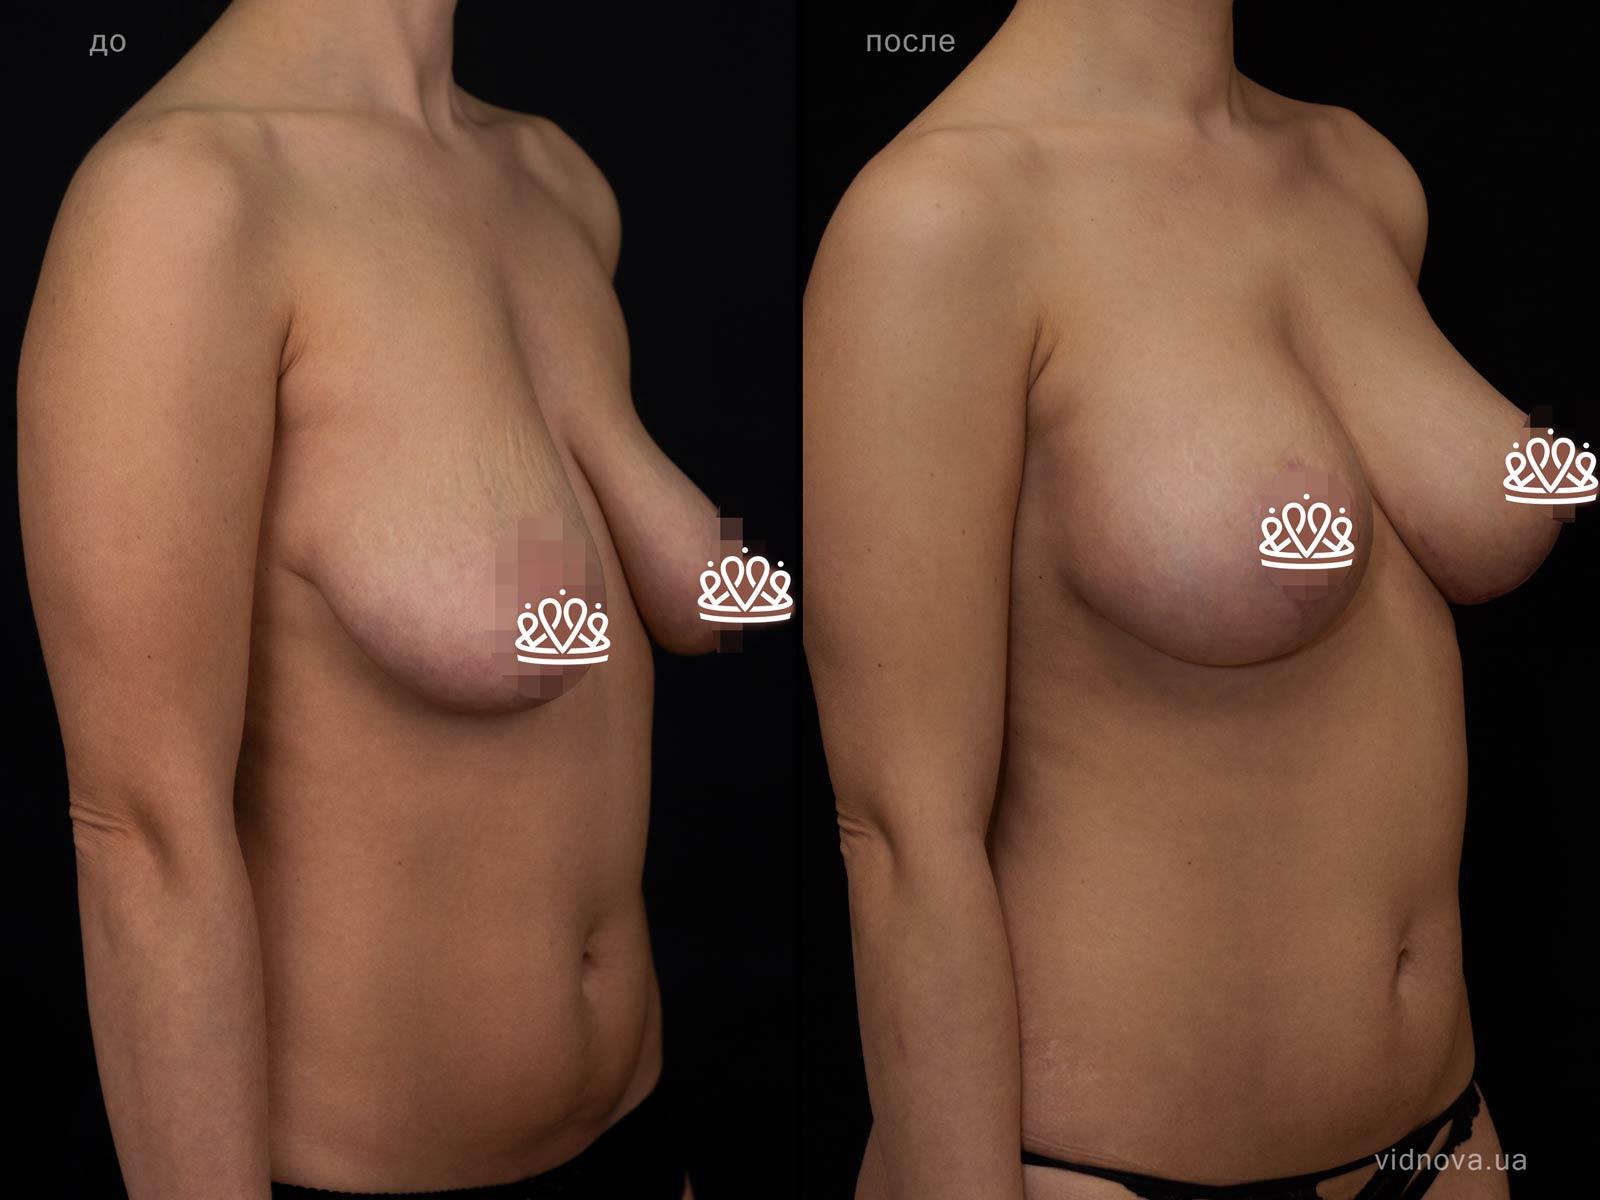 Пластика груди: результаты до и после - Пример №116-1 - Светлана Работенко